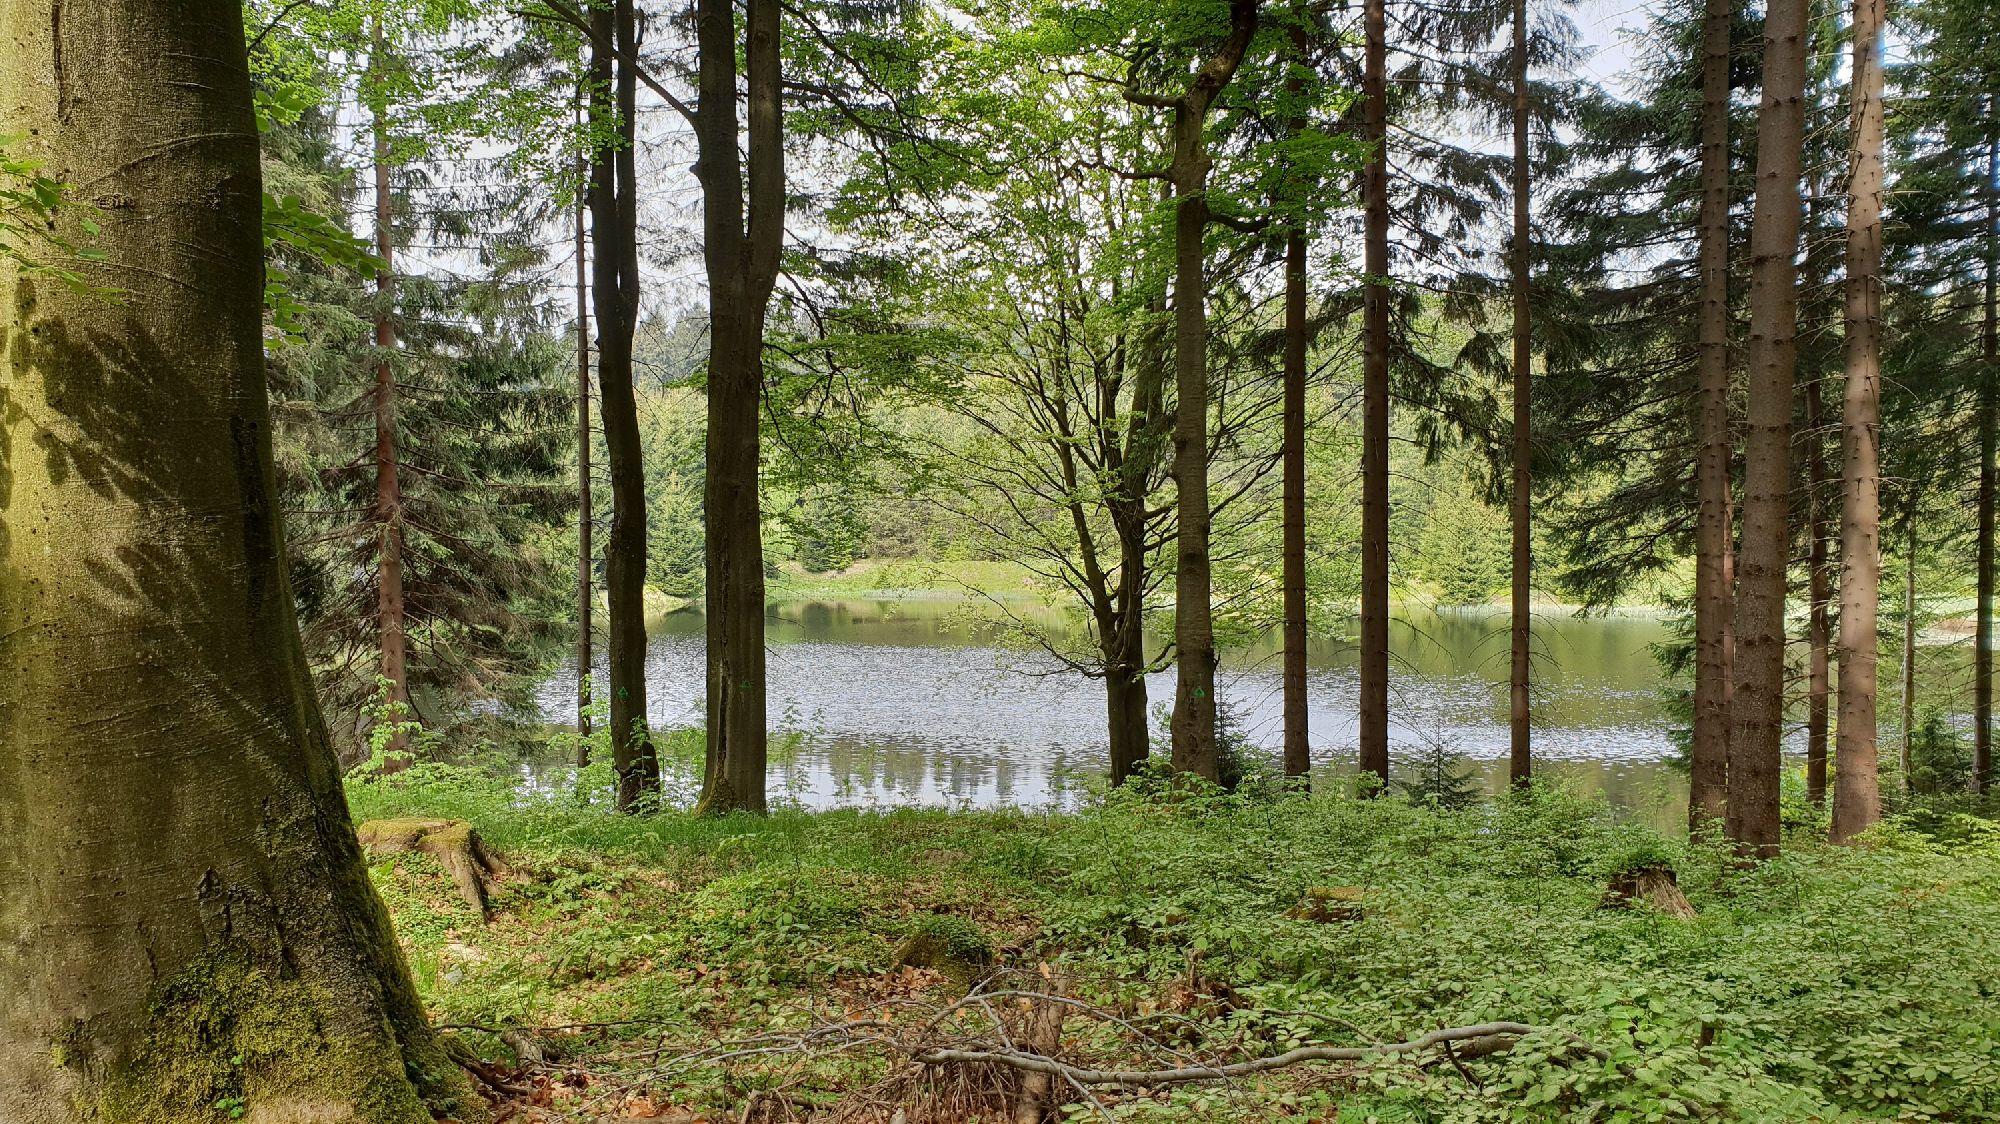 Ullersdorfer Teich